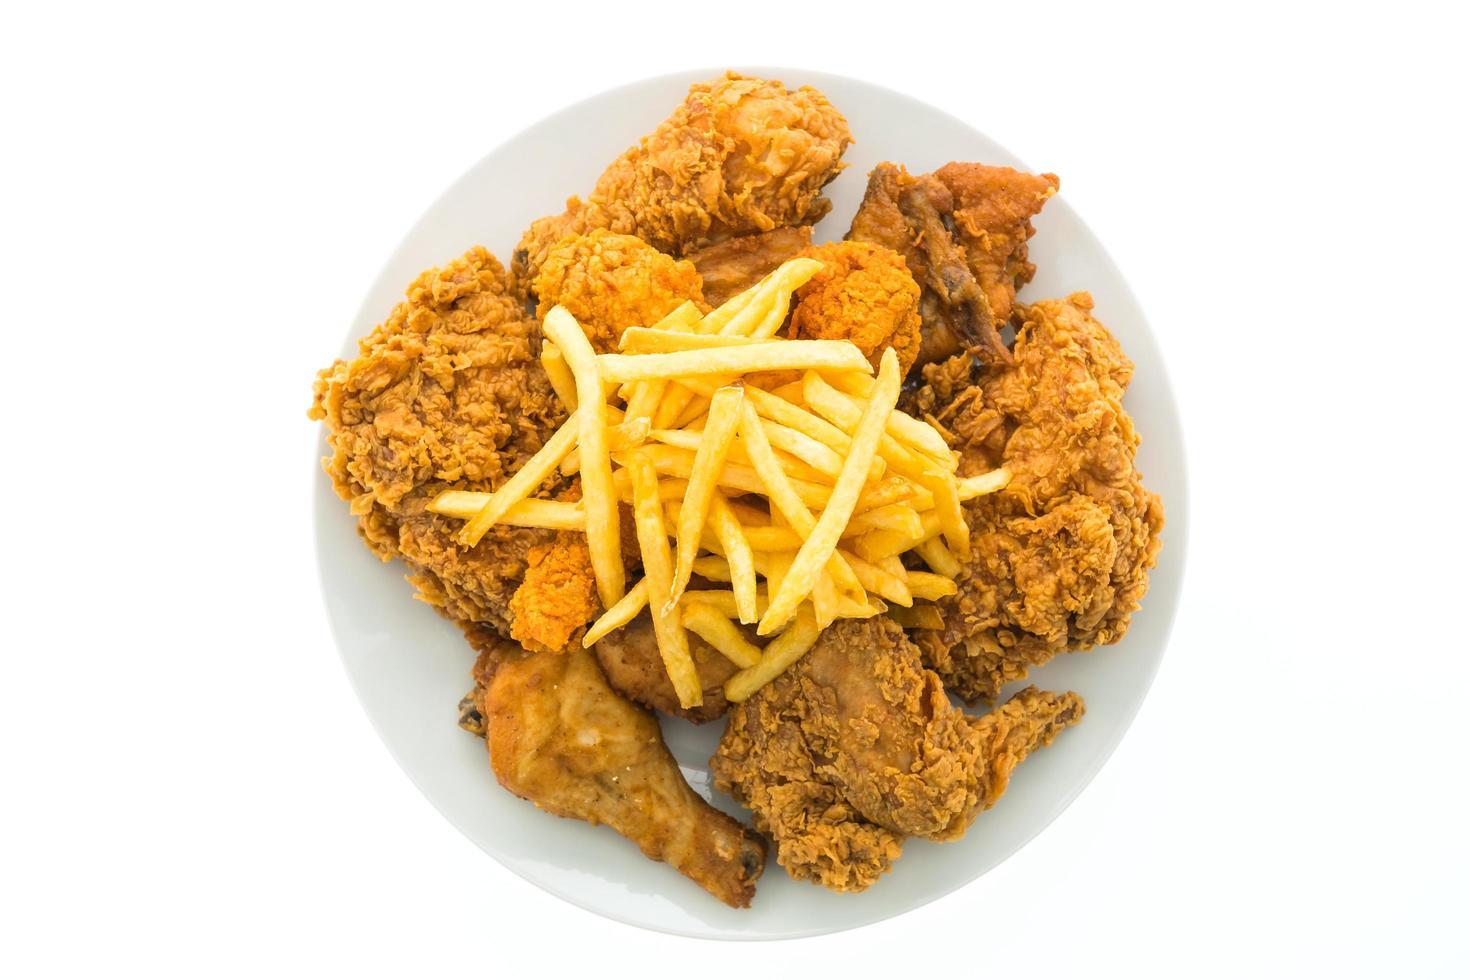 Poulet frit et frites sur une plaque blanche photo